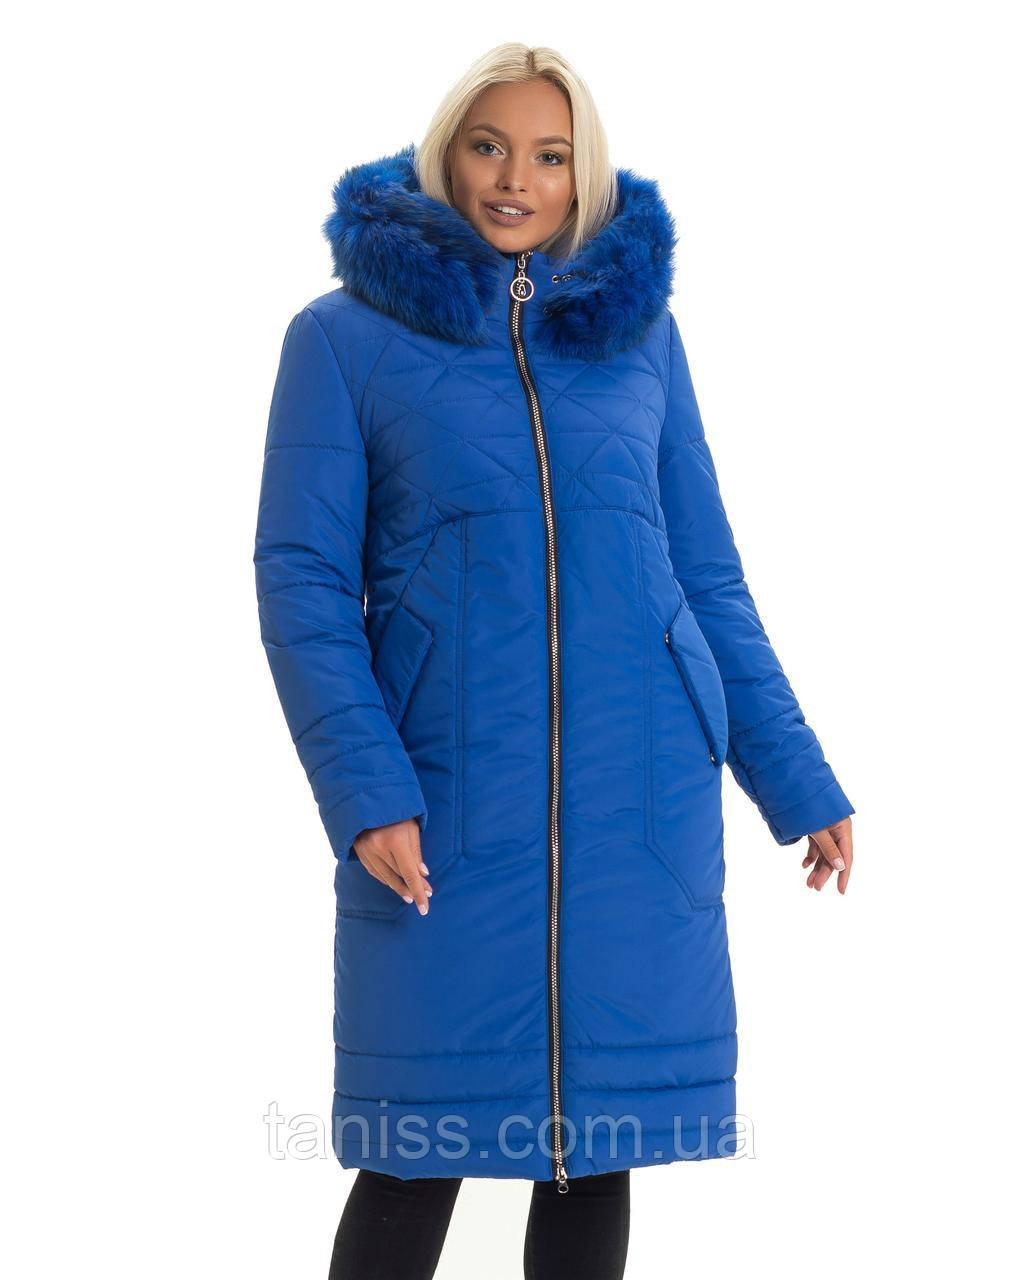 Женская зимняя куртка, с мехом , мех песец. Размеры 44. 46. 48. 50. 52. 56.58 электрик